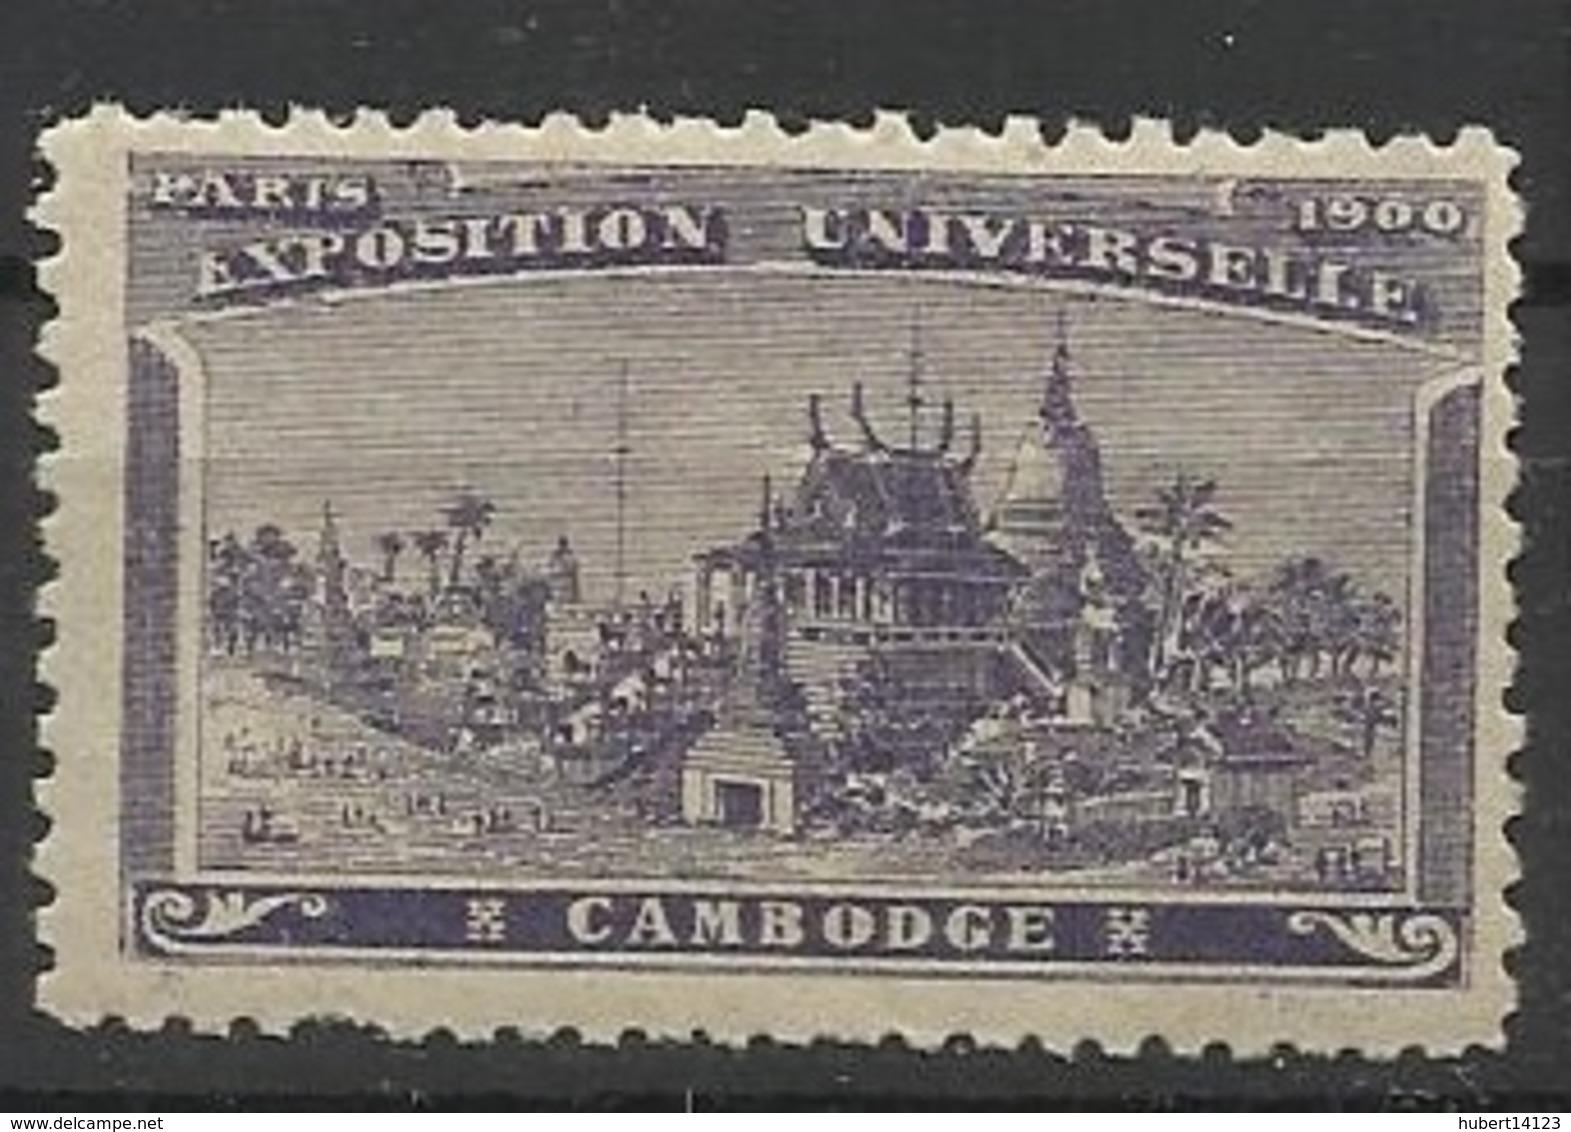 VIGNETTES Exposition Universelle De Paris 1900 - Cambodge - Commemorative Labels